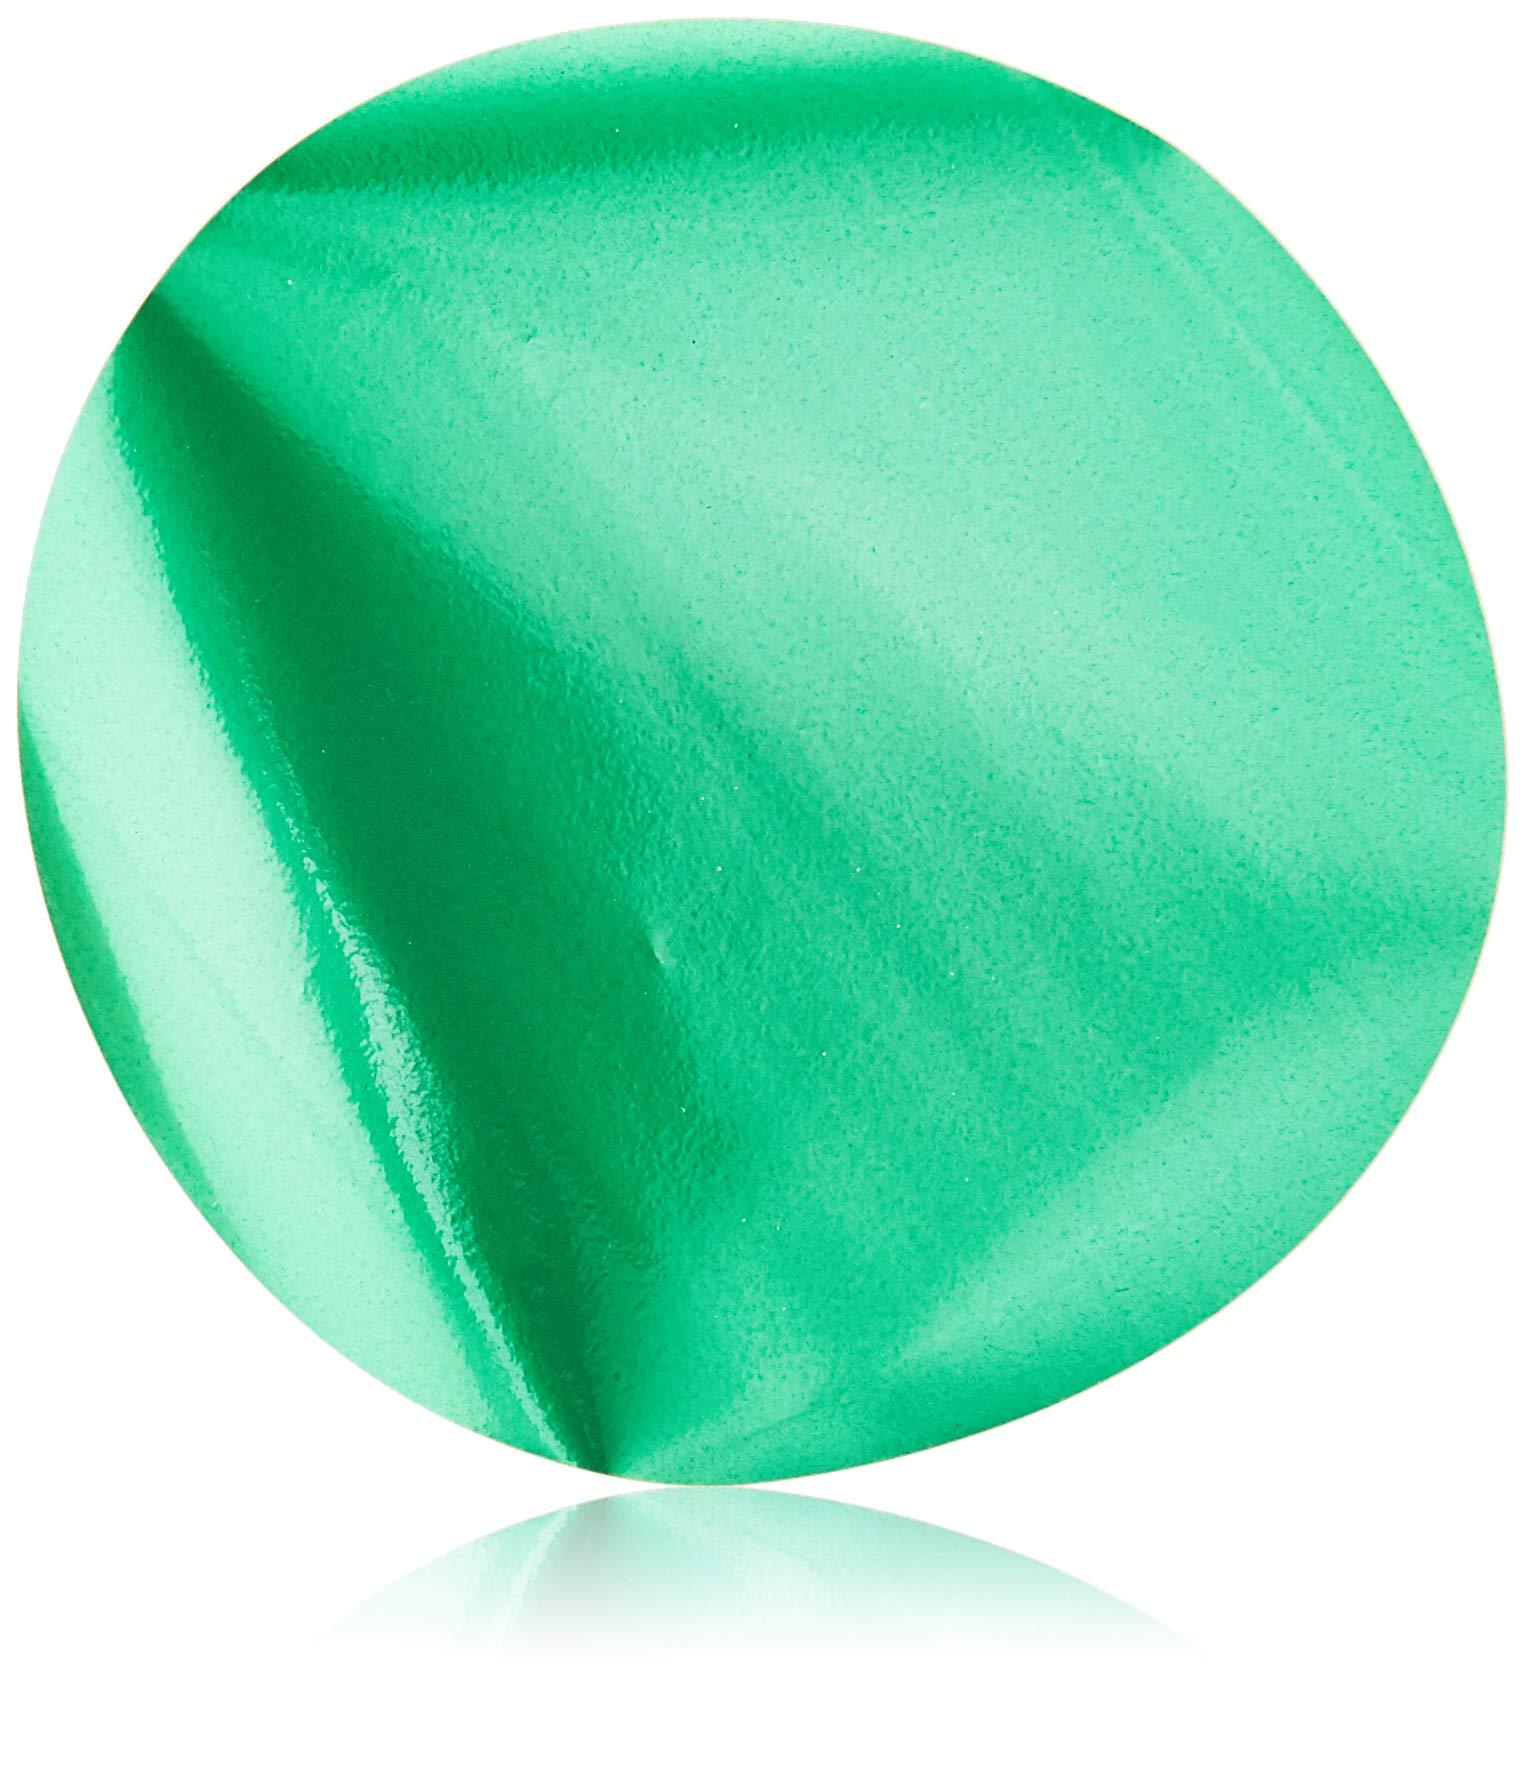 Mettoo Jade Body Foil Pro, 200 Count